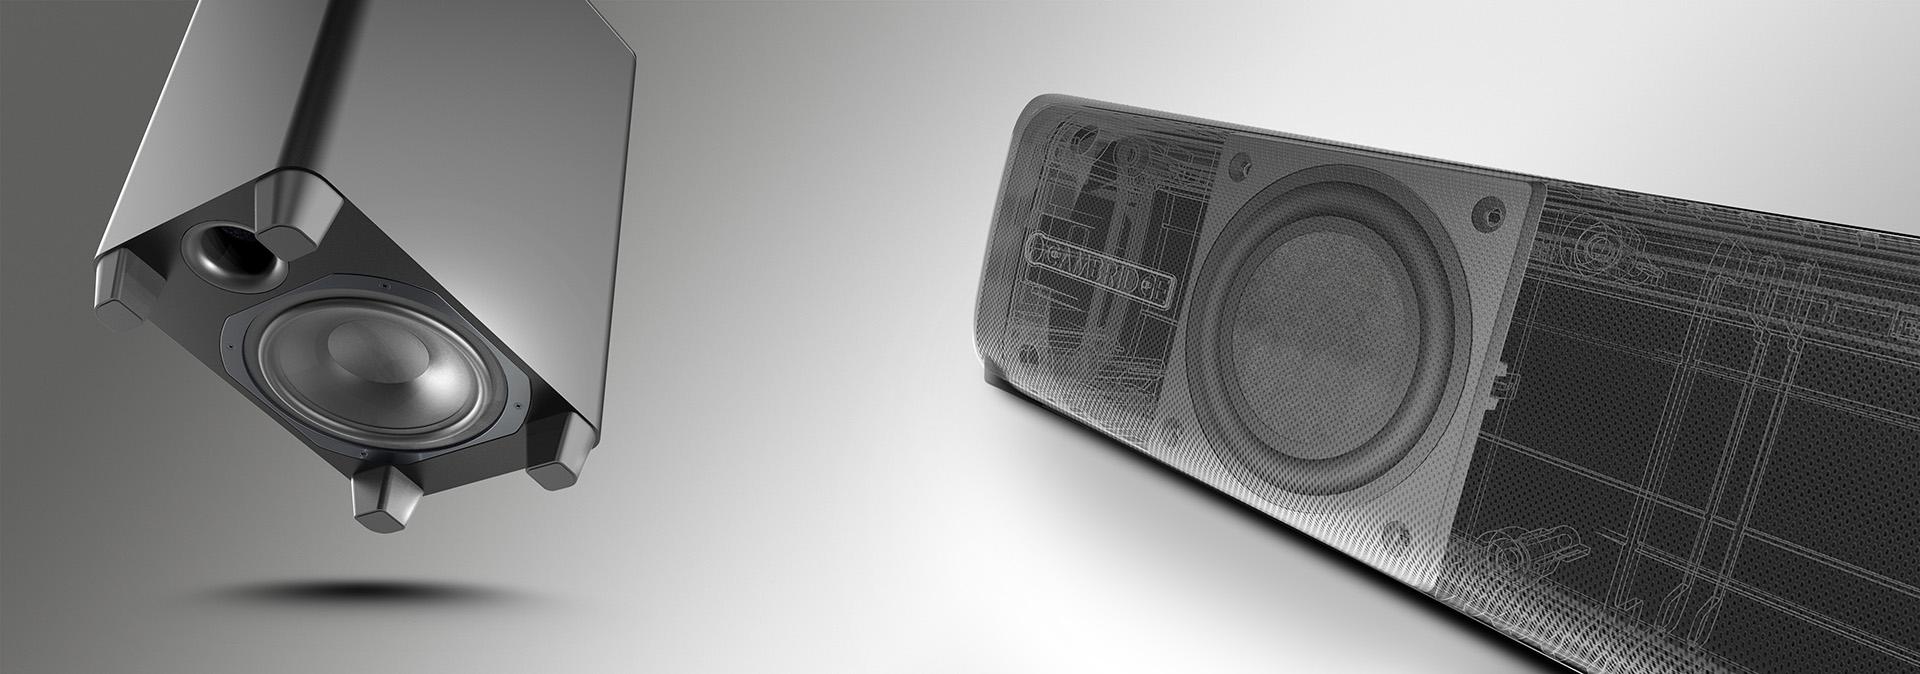 В конструкции Cambridge Audio TVB2 использованы эффективные BMR-динамики